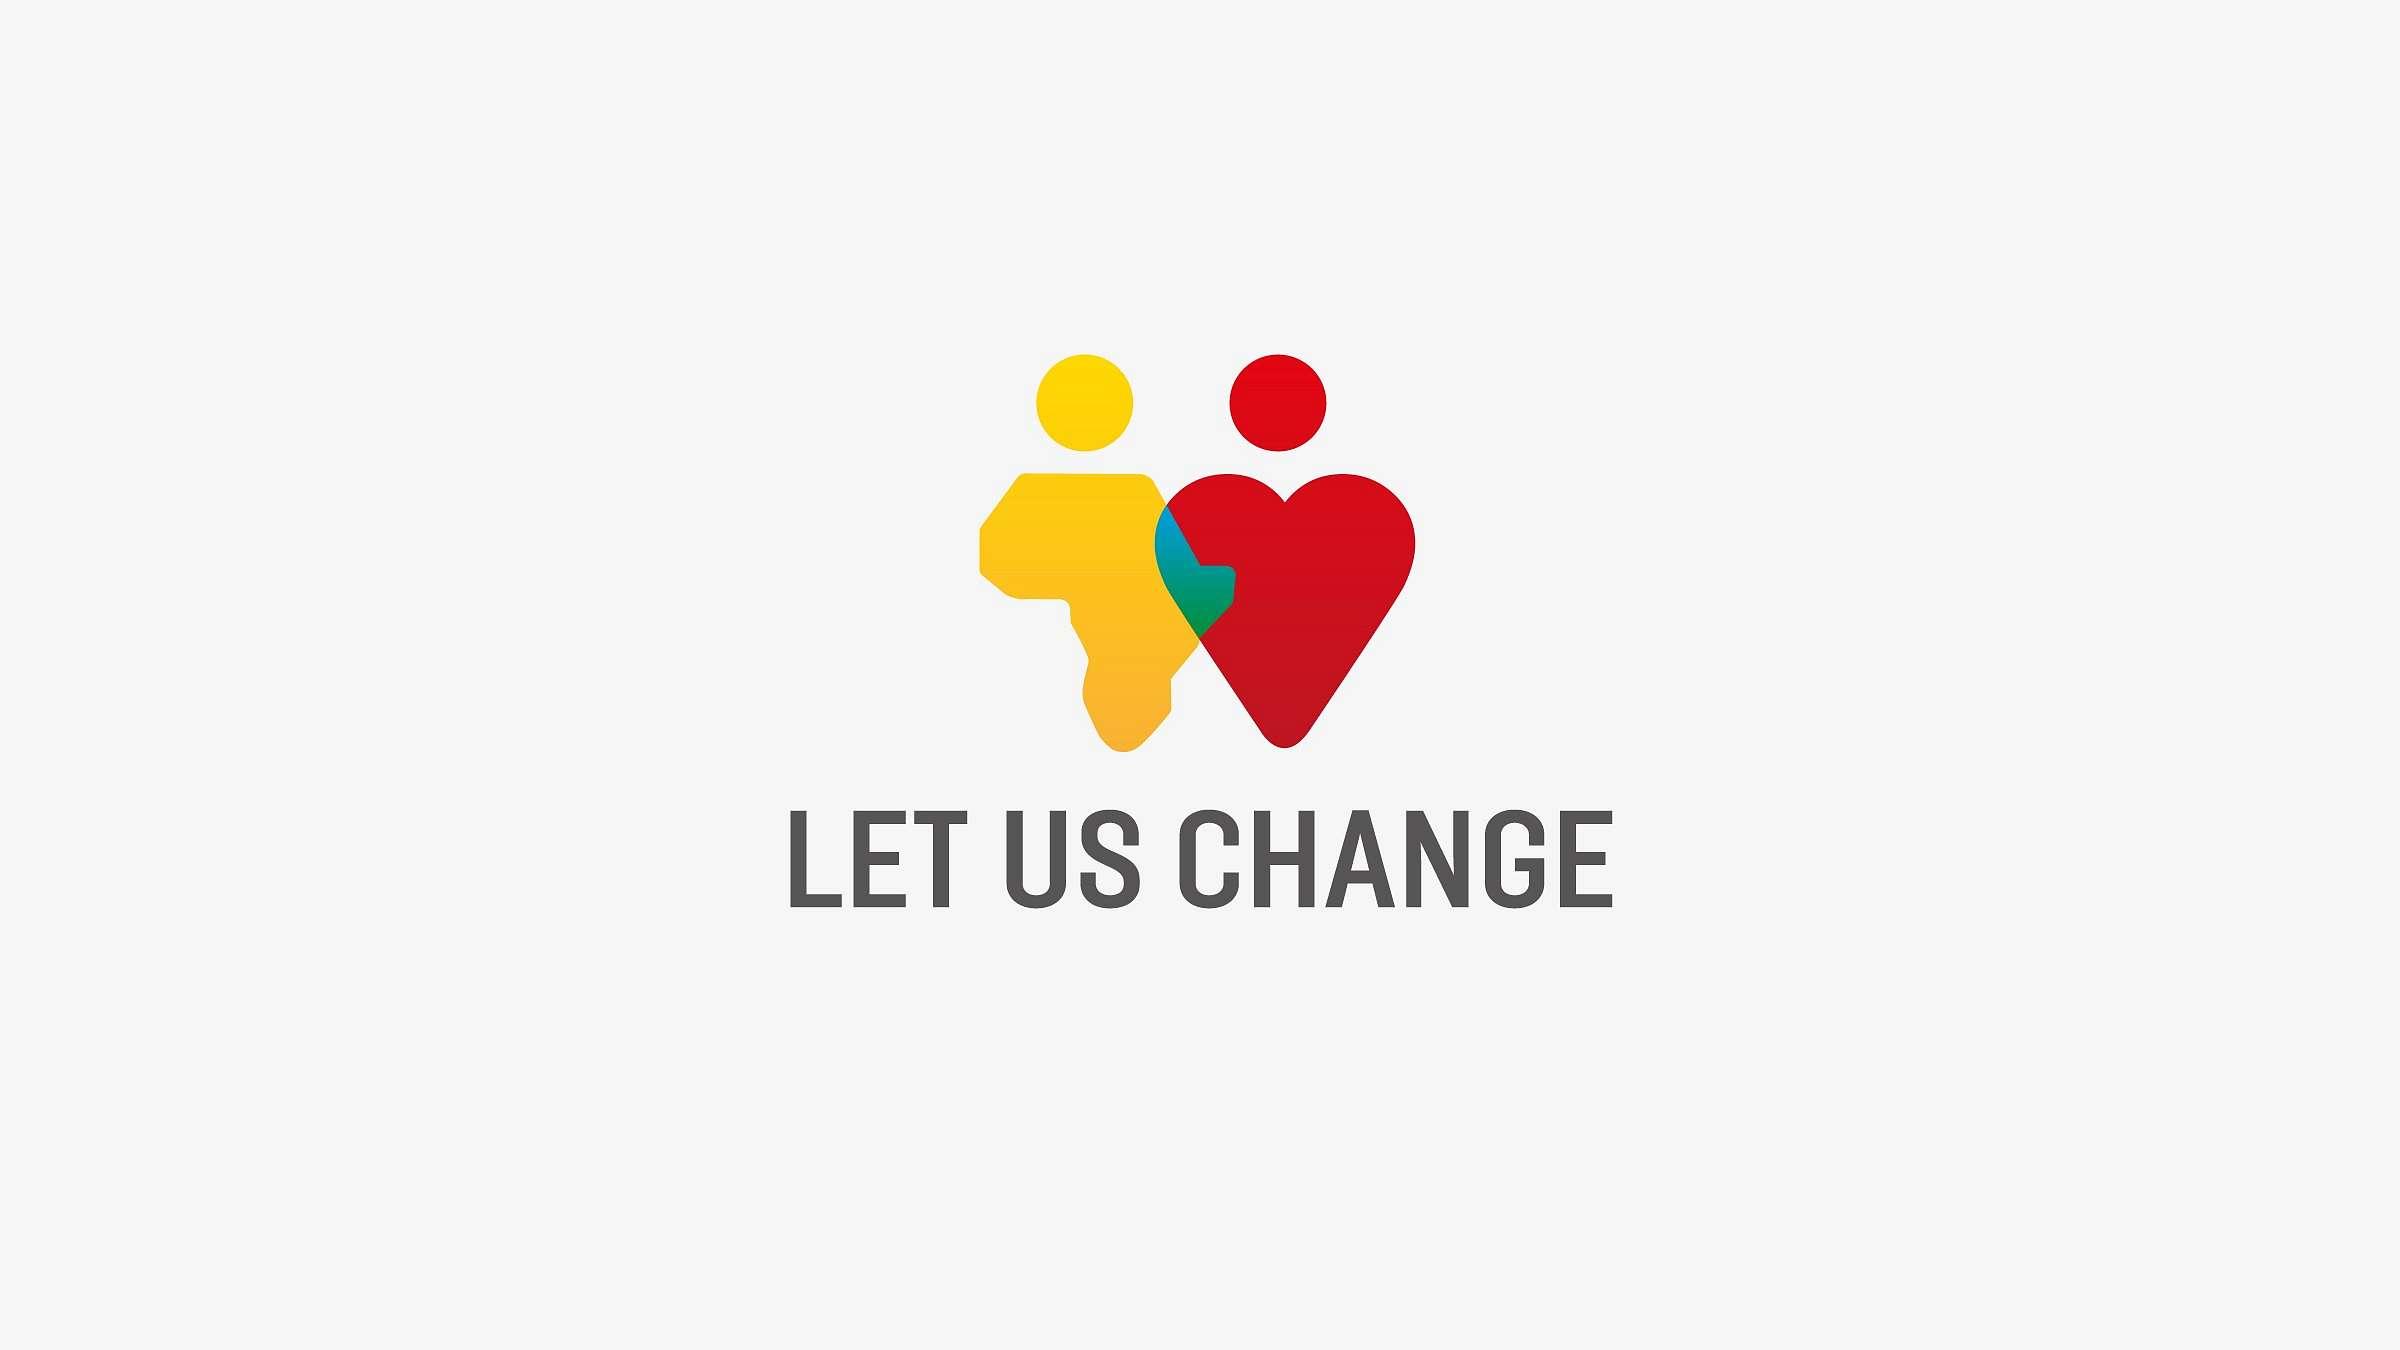 Let Us Change